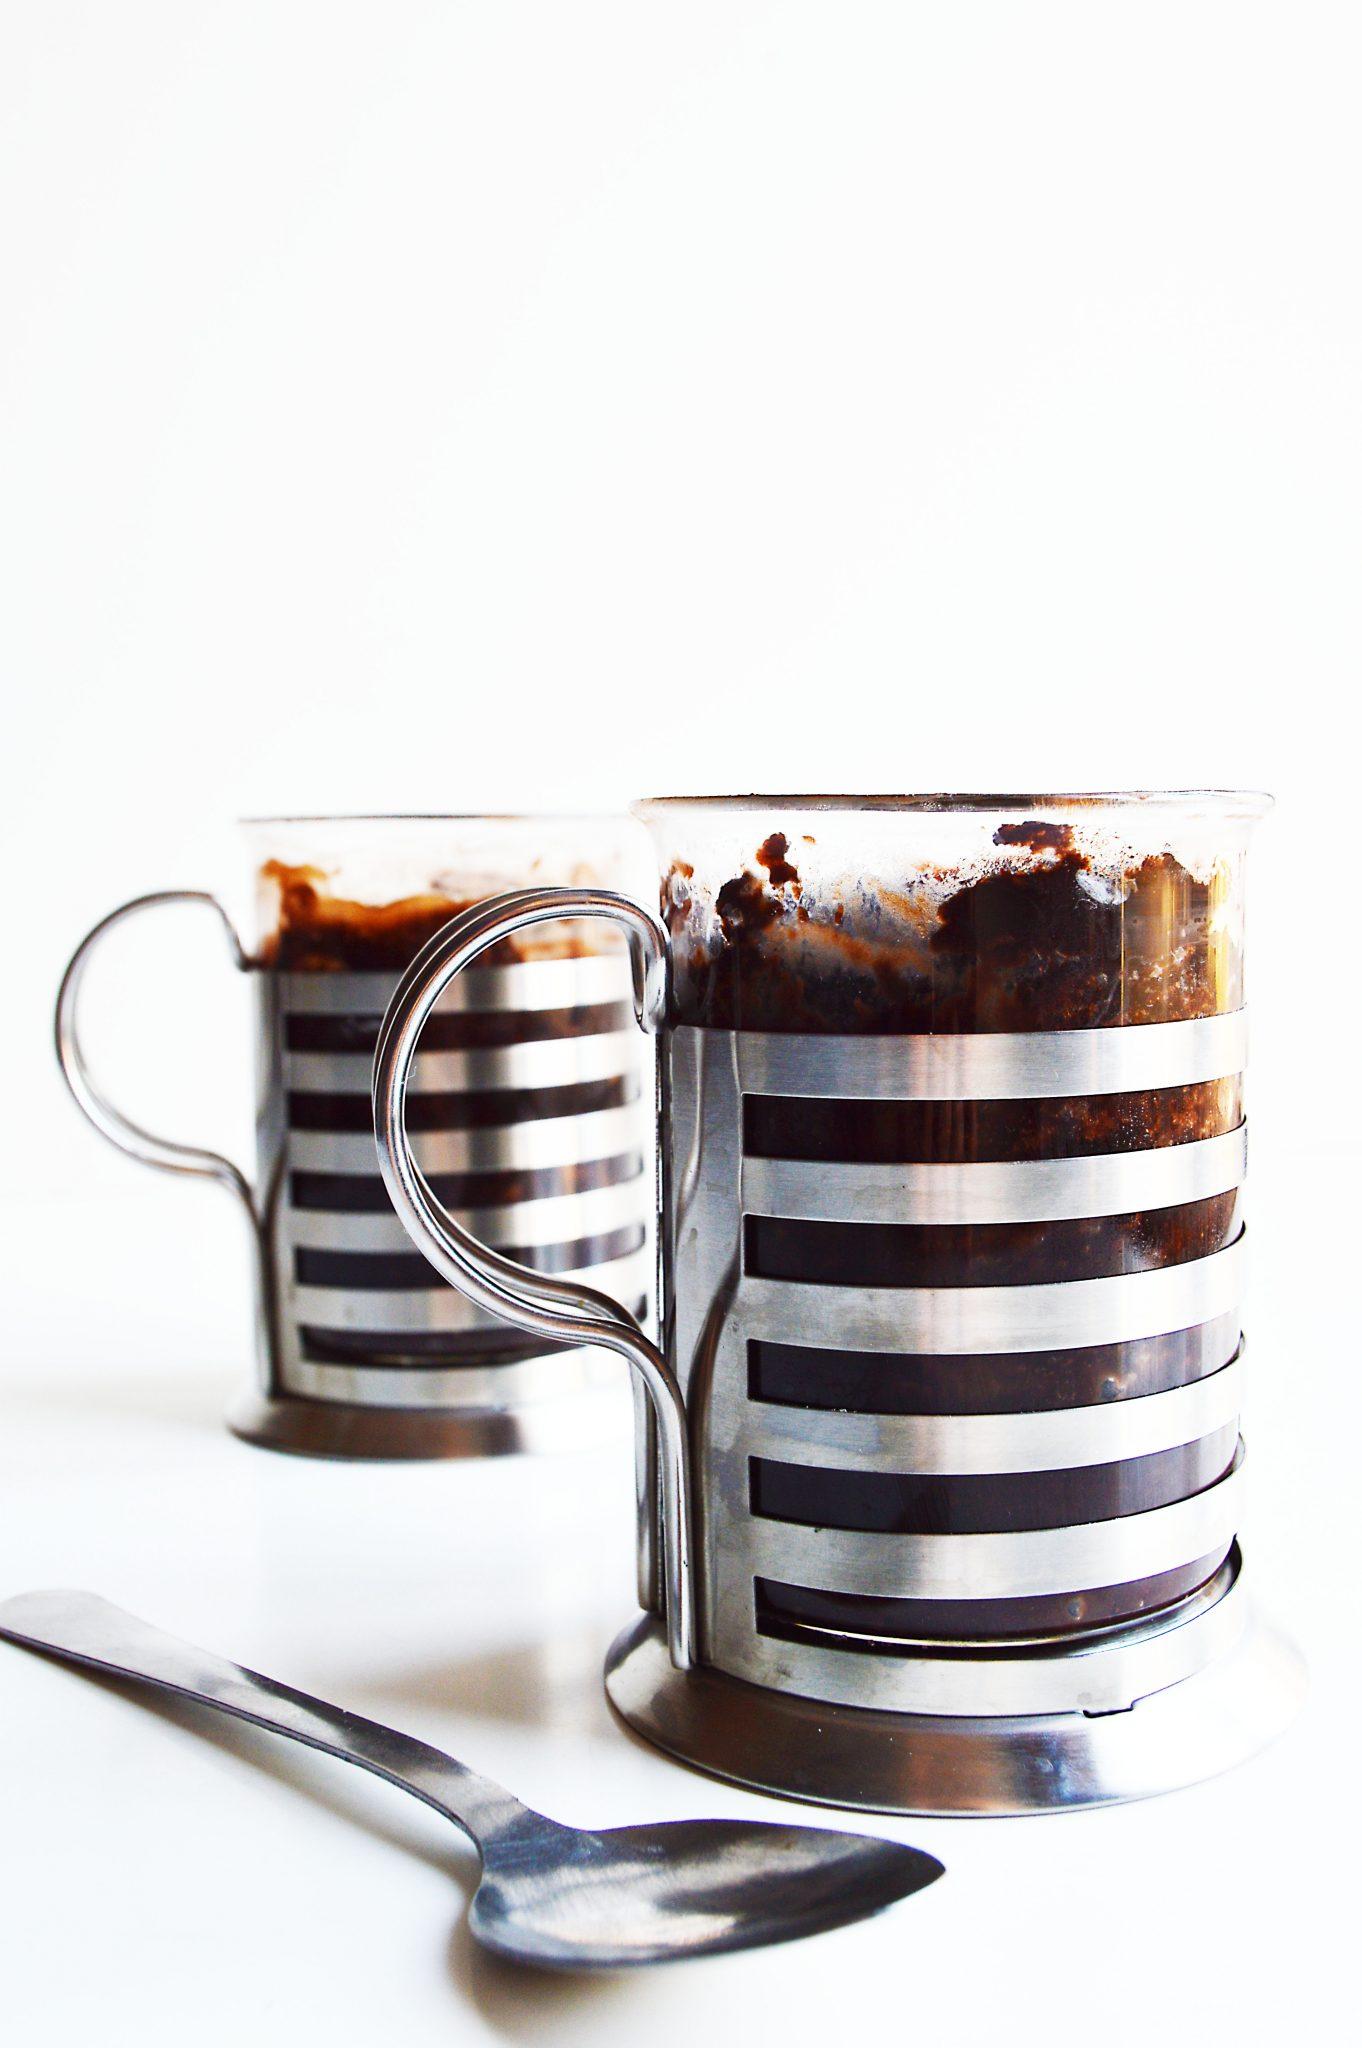 1 Minute Vegan Peanut Butter Microwave Brownies in a Mug